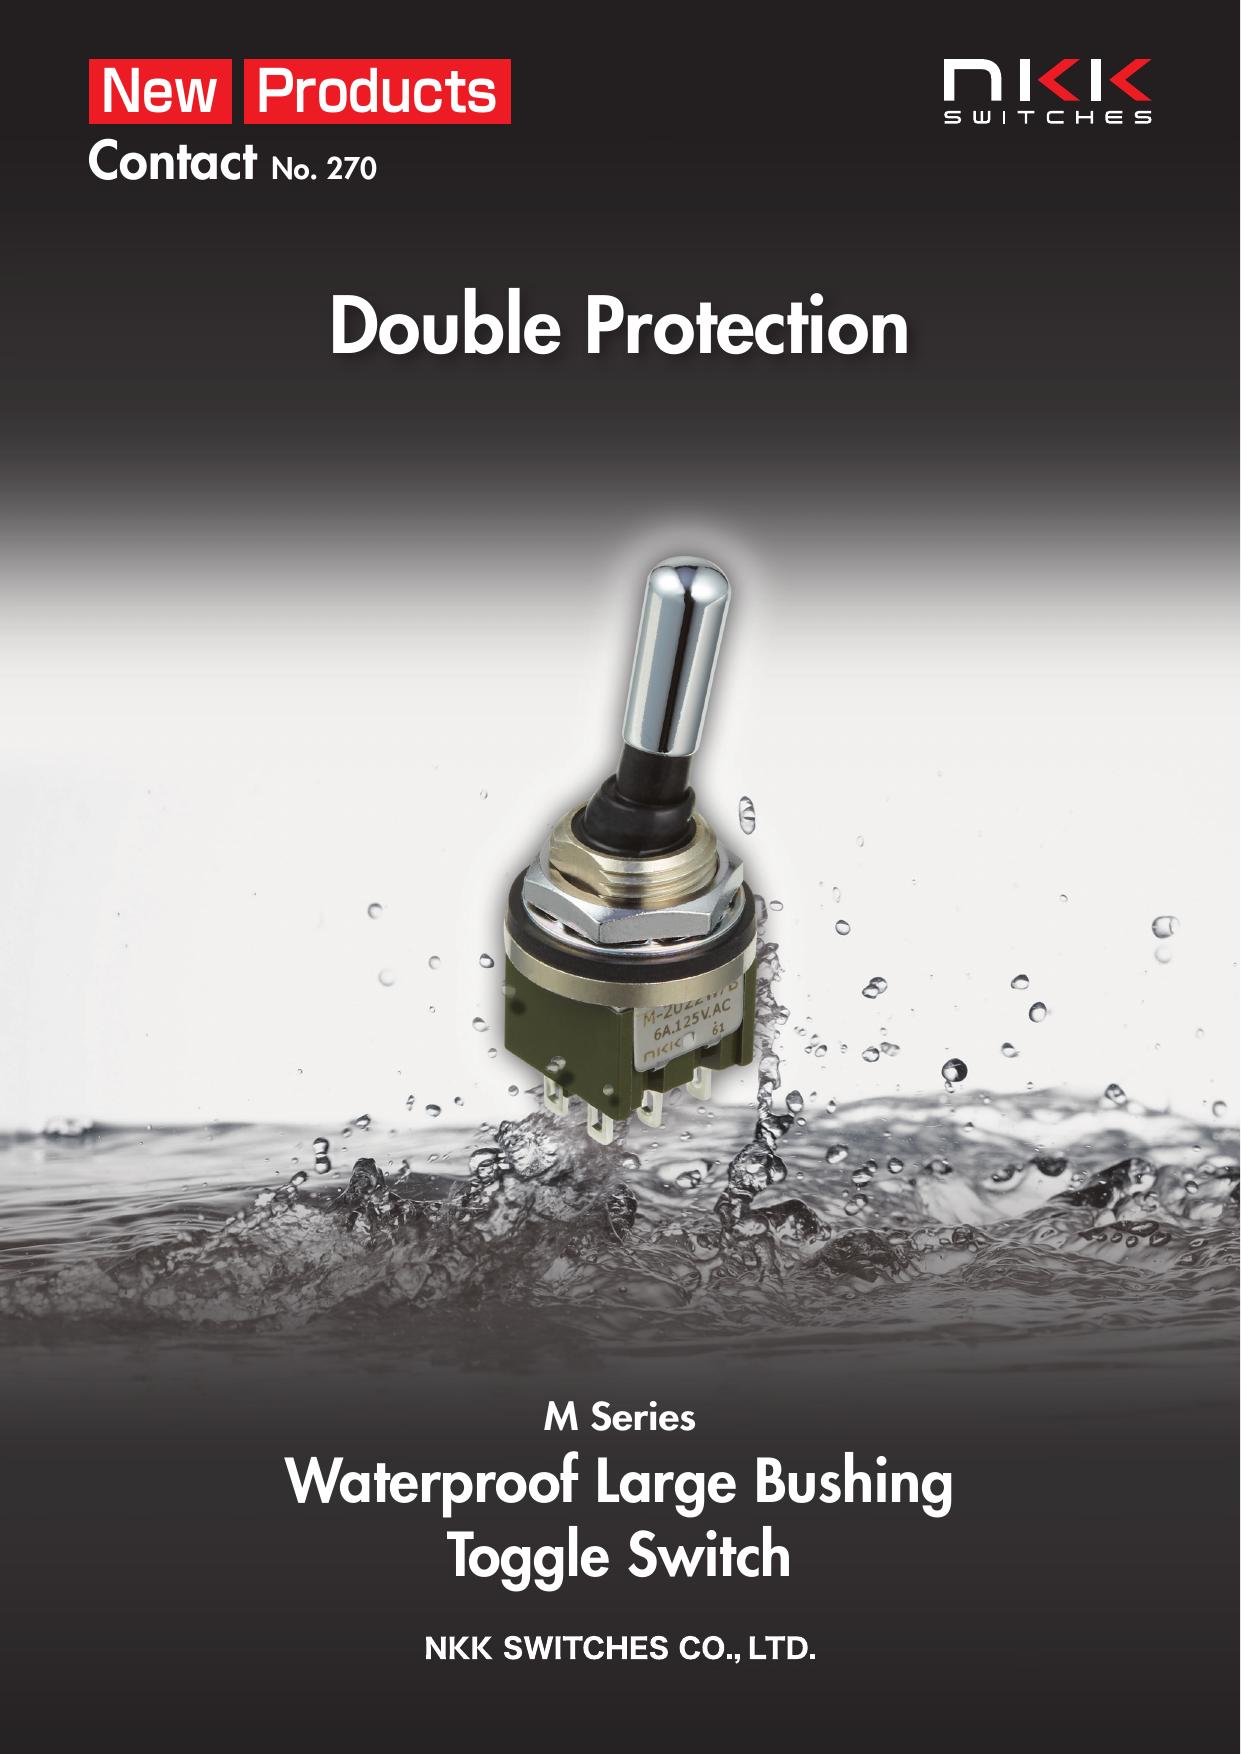 M Series Waterproof Large Bushing Toggle Switch